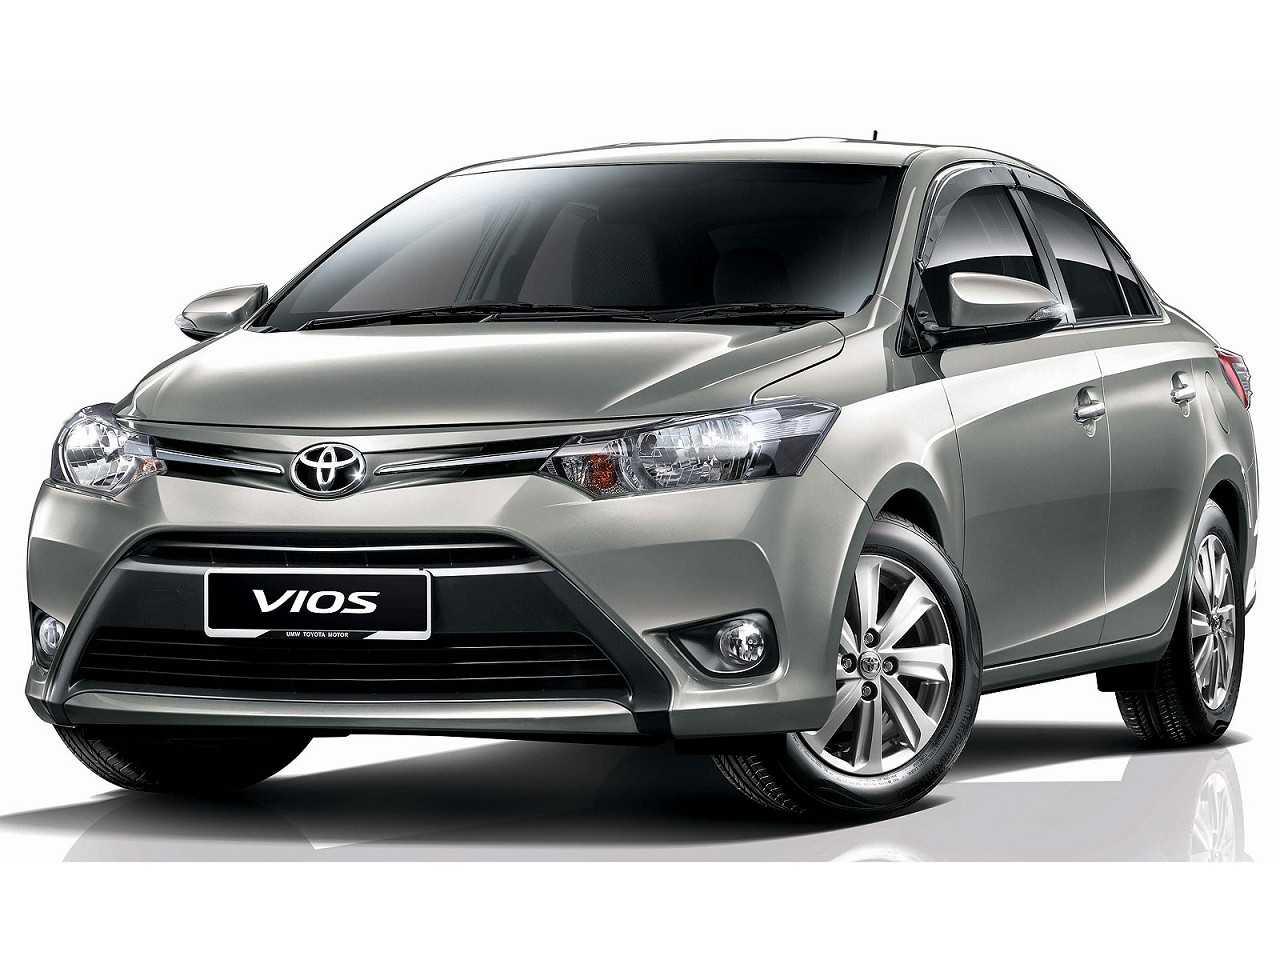 Acima o Toyota Vios comercializado em alguns mercados do Sudeste asiático